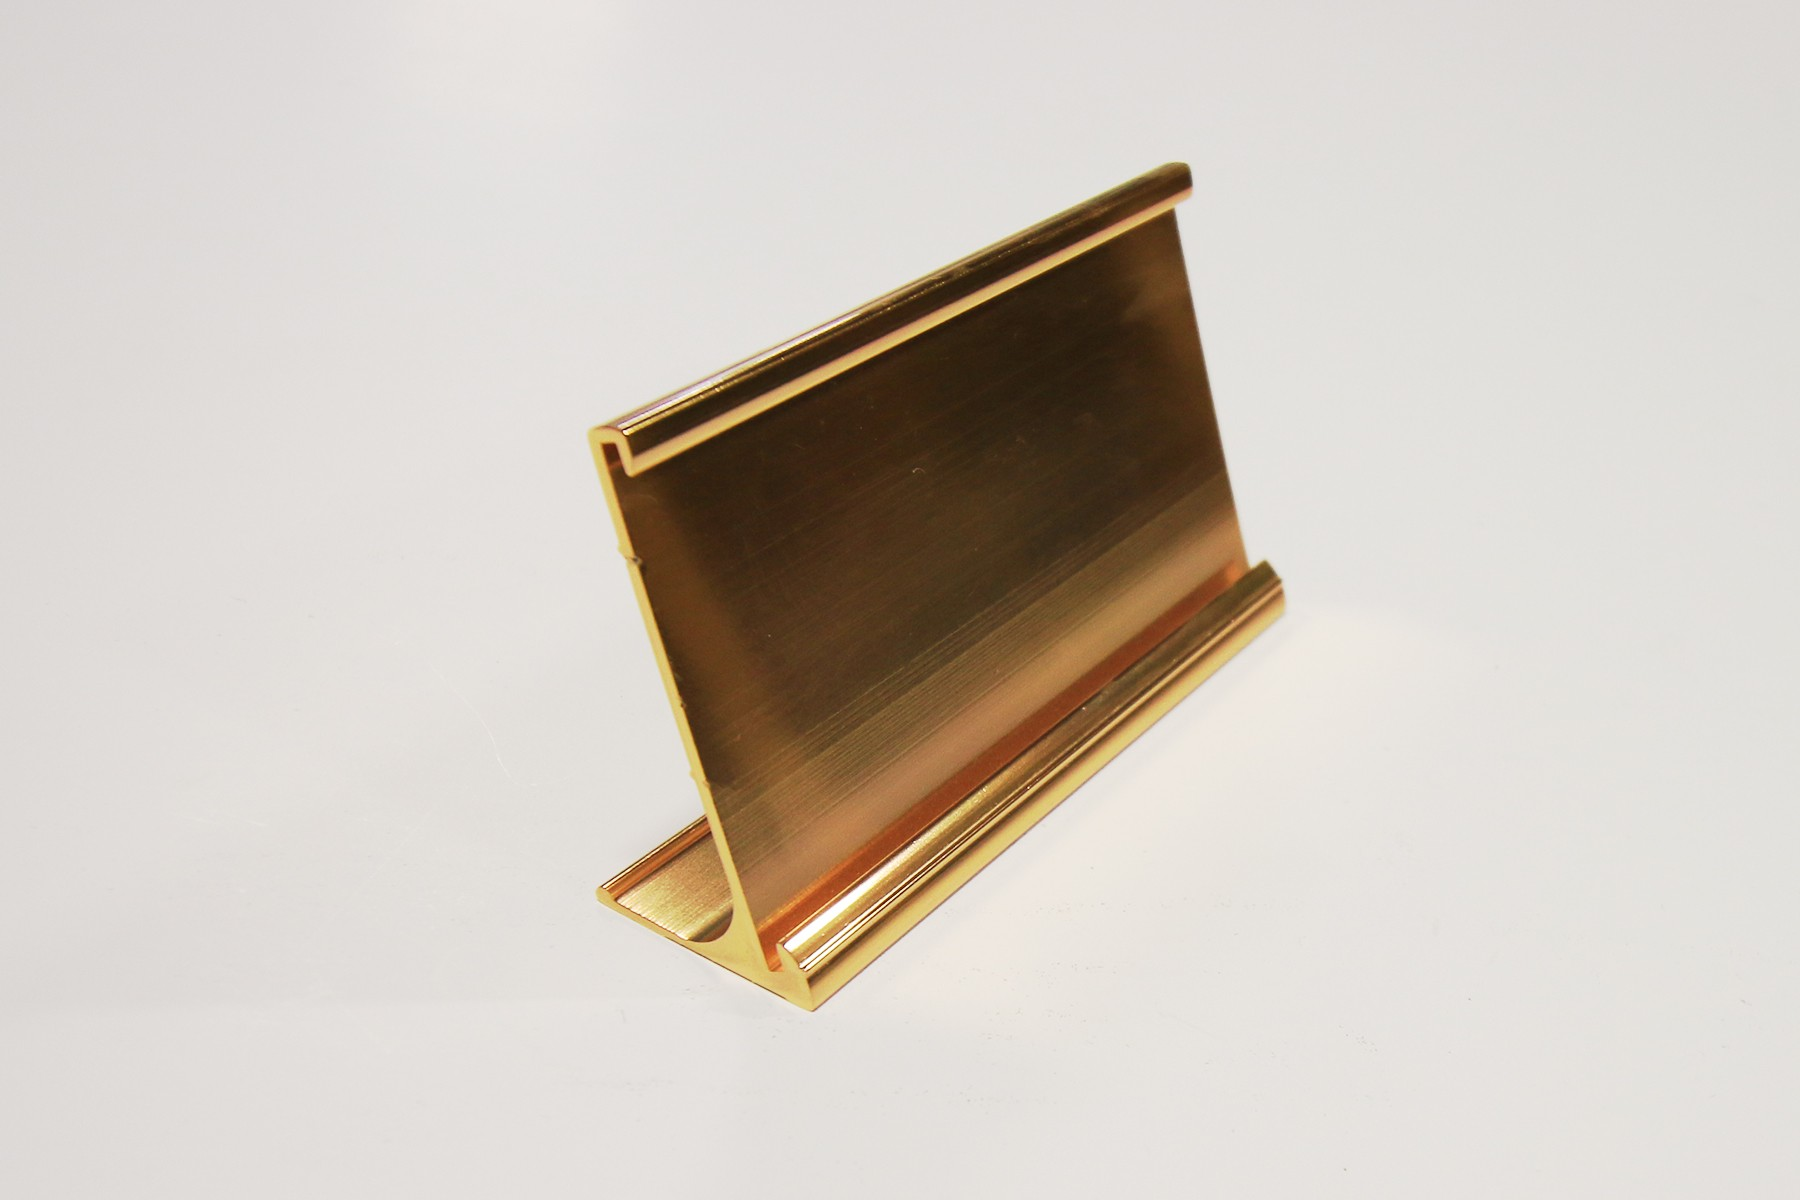 2 x 2 Desk Holder, Gold